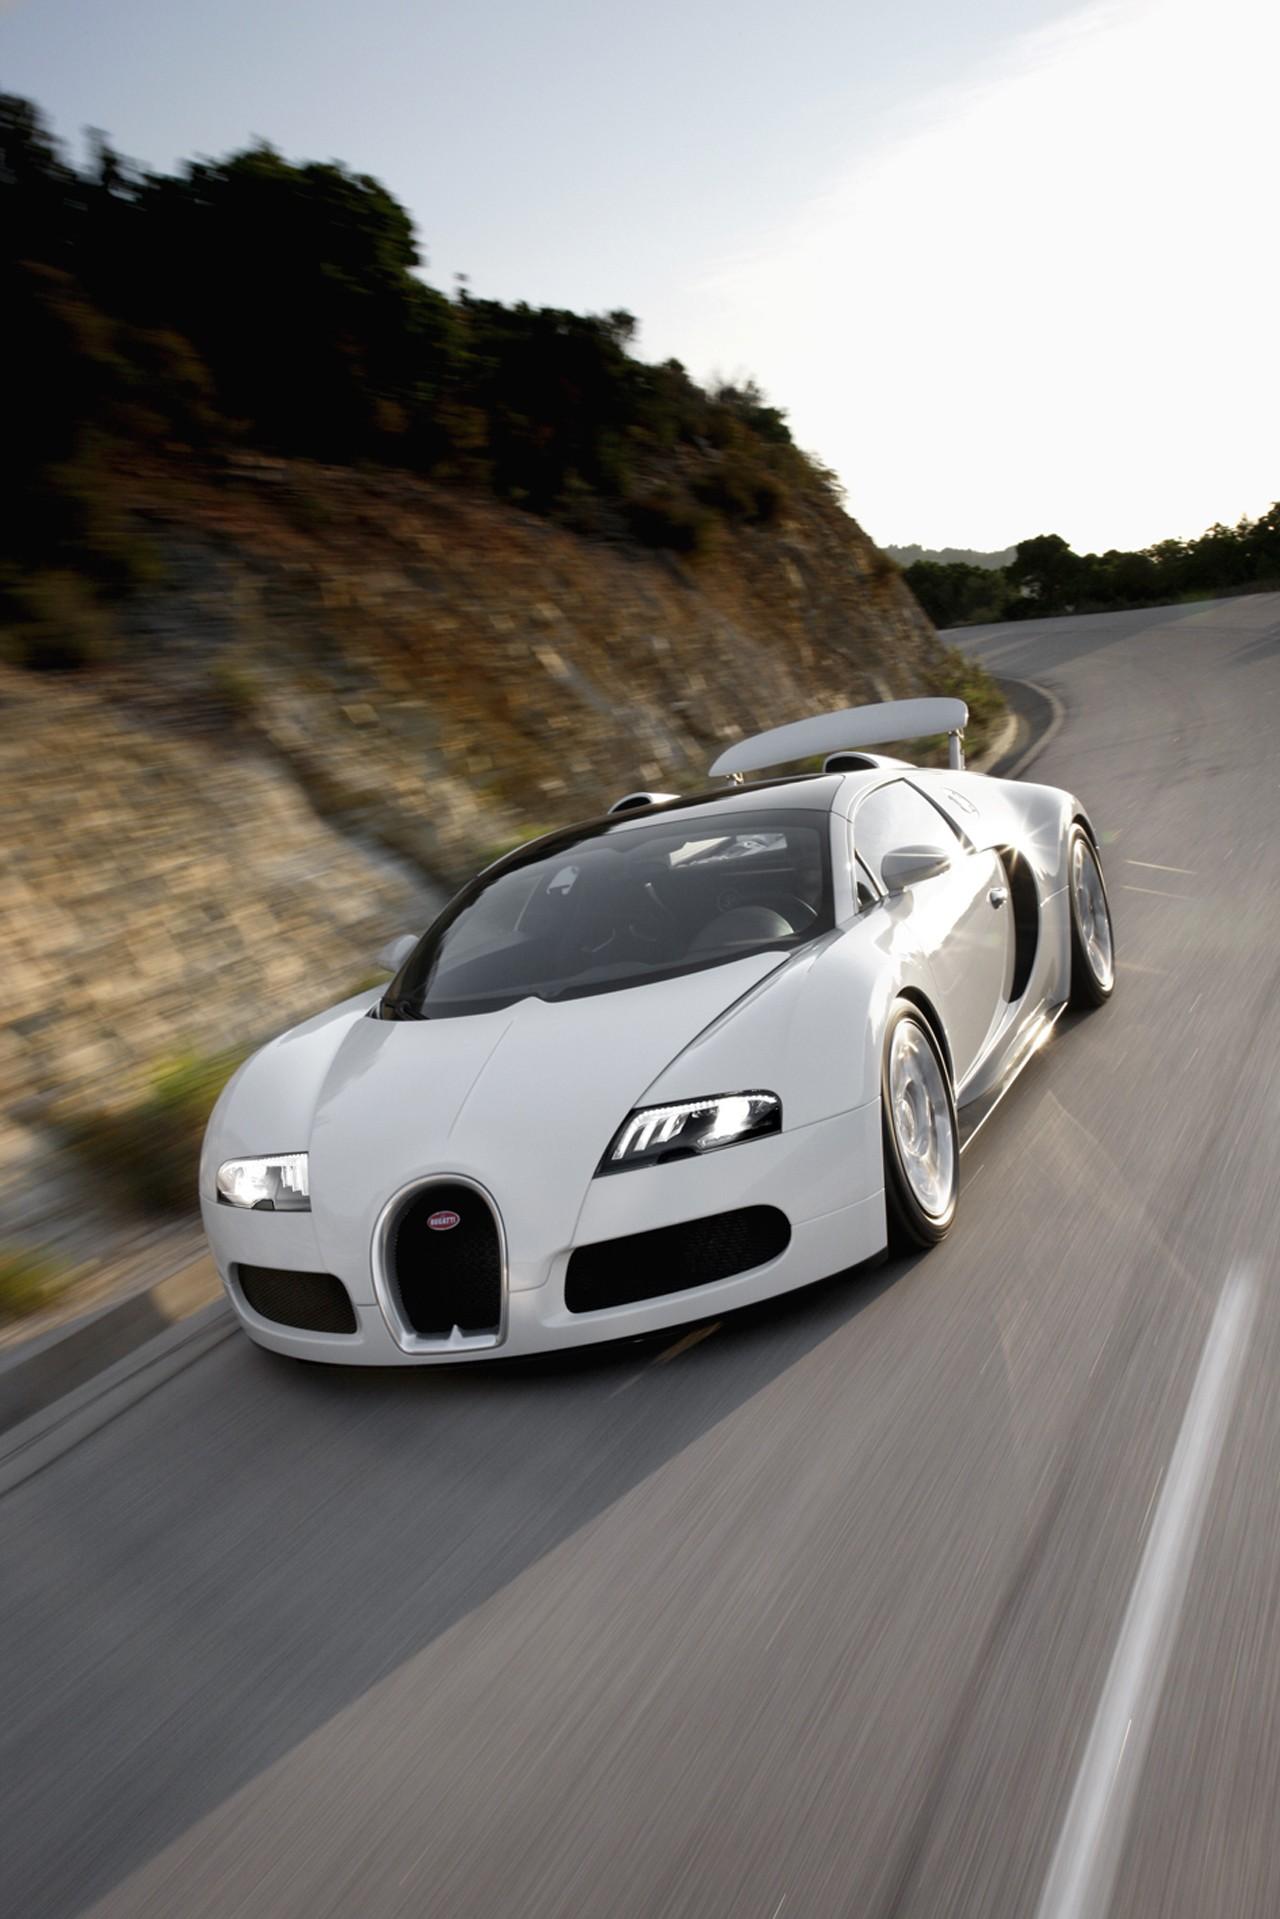 e377905c89 Exciting Bugatti Veyron Grand Sport Vitesse Fiche Technique Cars Trend